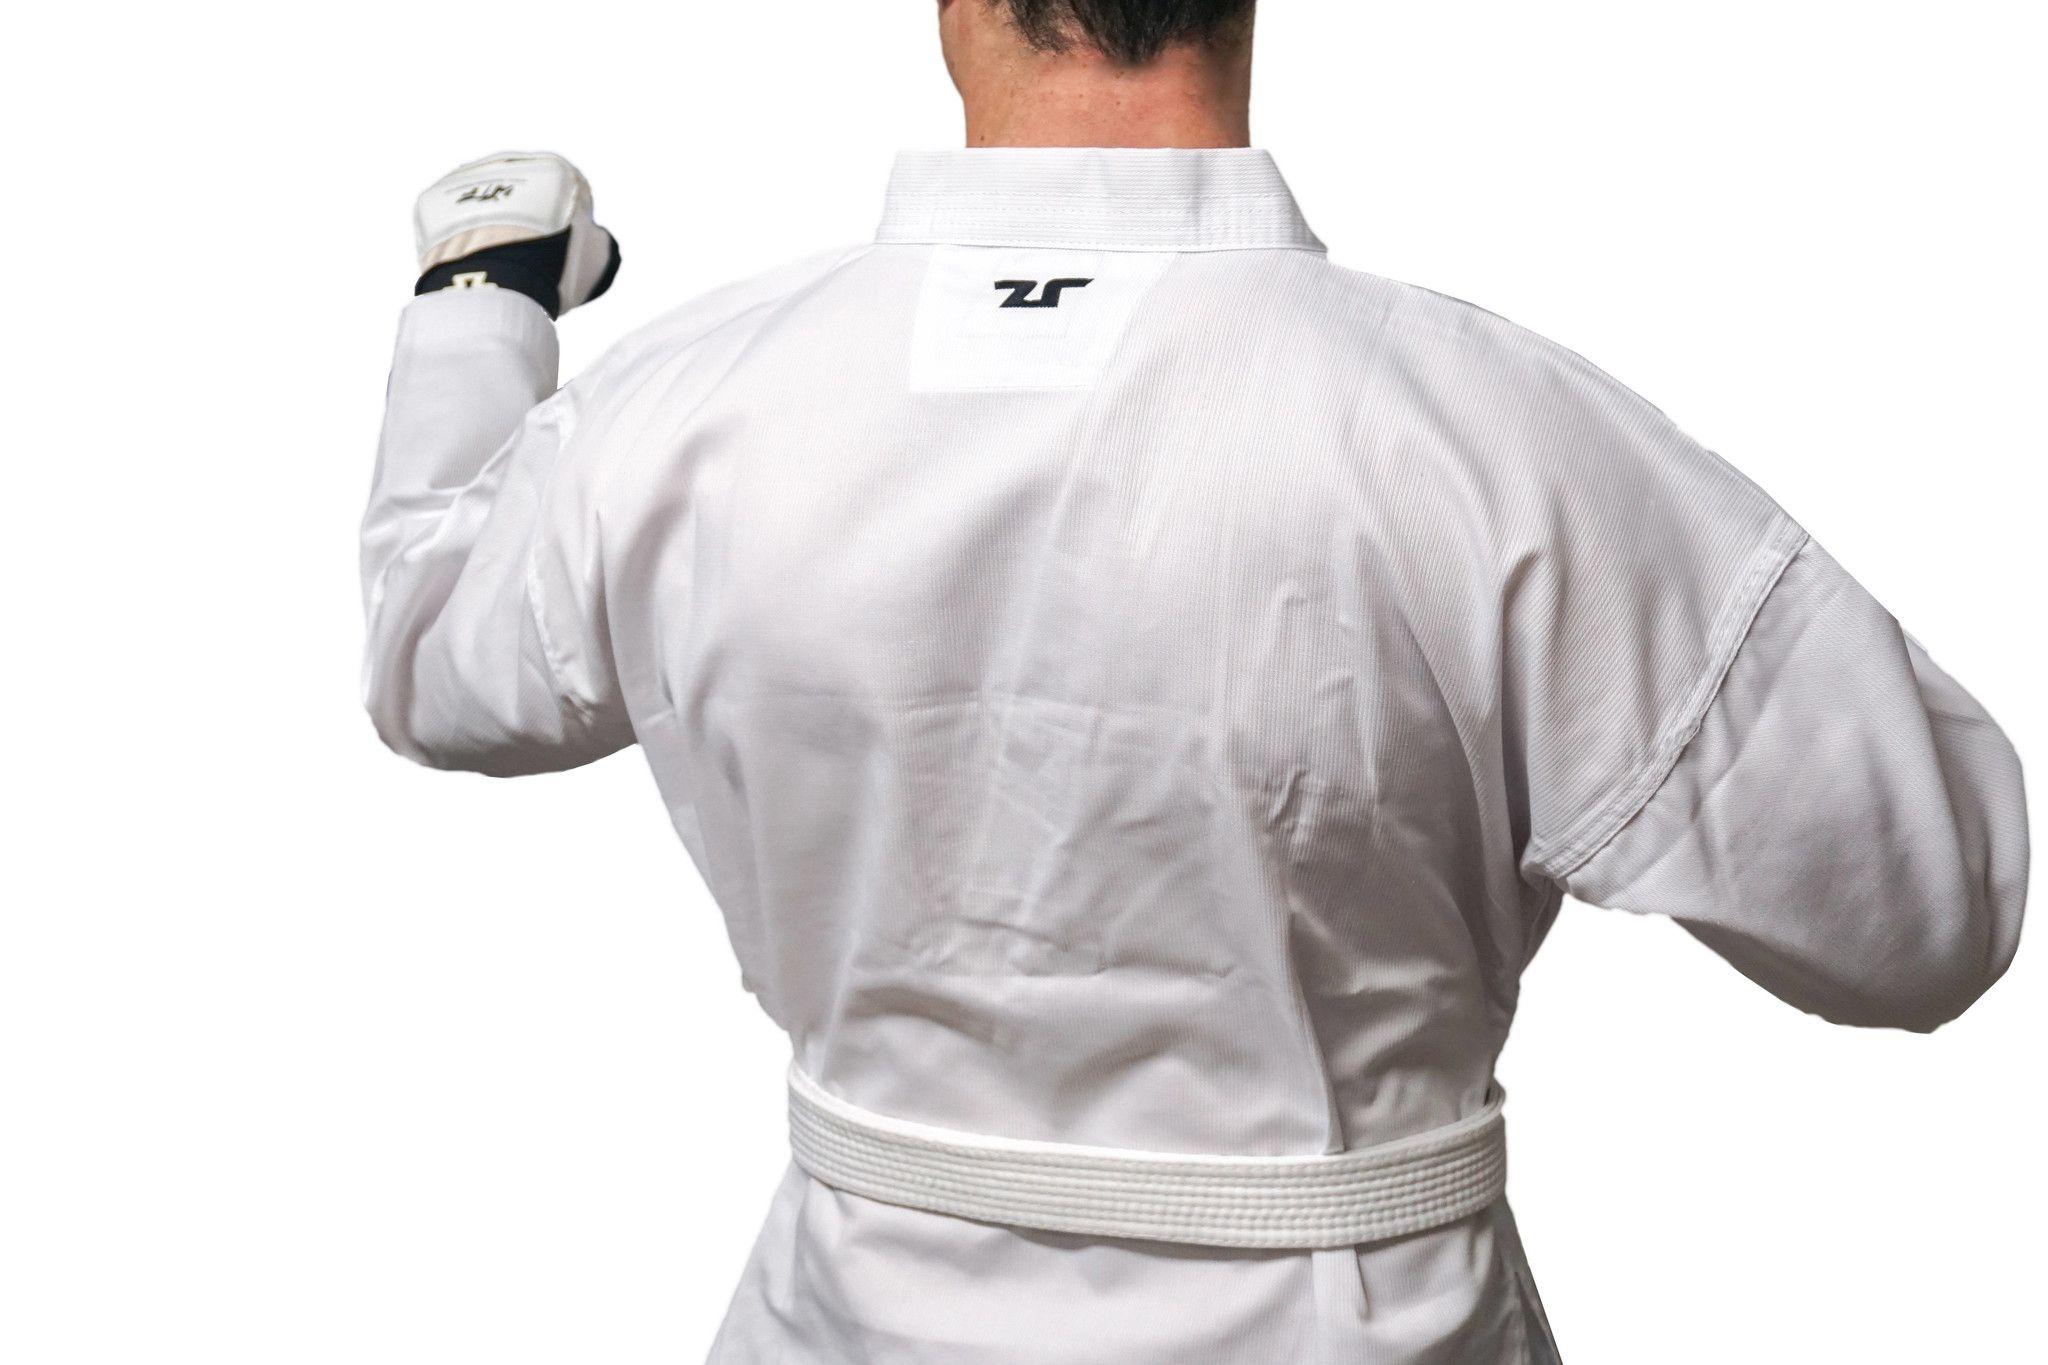 Adults World Taekwondo White Collar Uniform